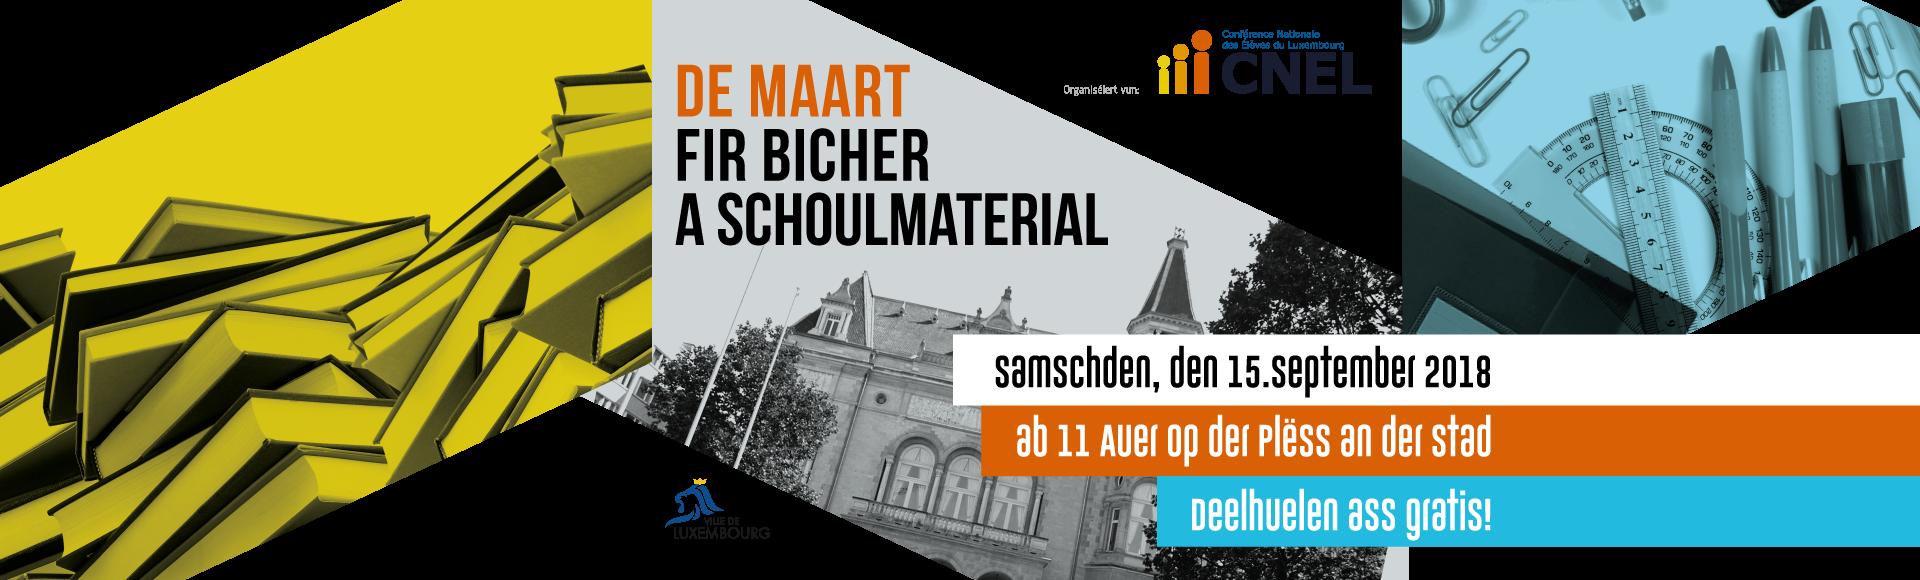 De Maart fir Bicher a Schoulmaterial